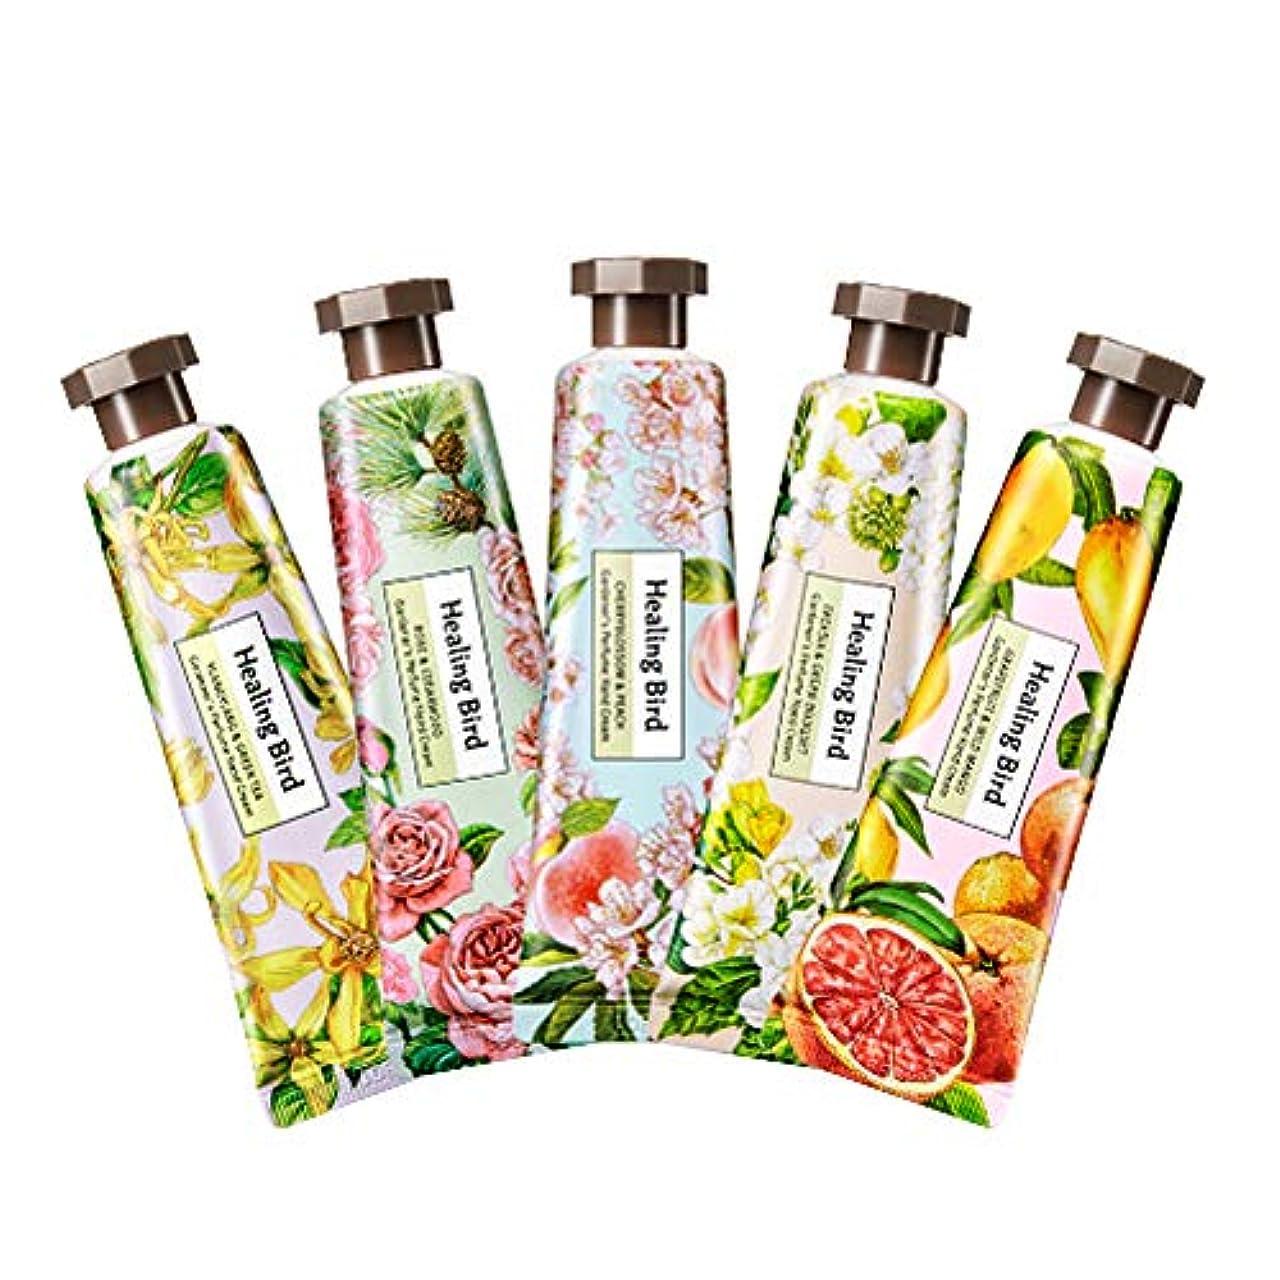 不忠適合しました運命的なHealing Bird Gardener's Perfume Hand Cream 30ml ヒーリングバード カドゥノスパヒュームハンドクリーム (Rose & Cedarwood) [並行輸入品]